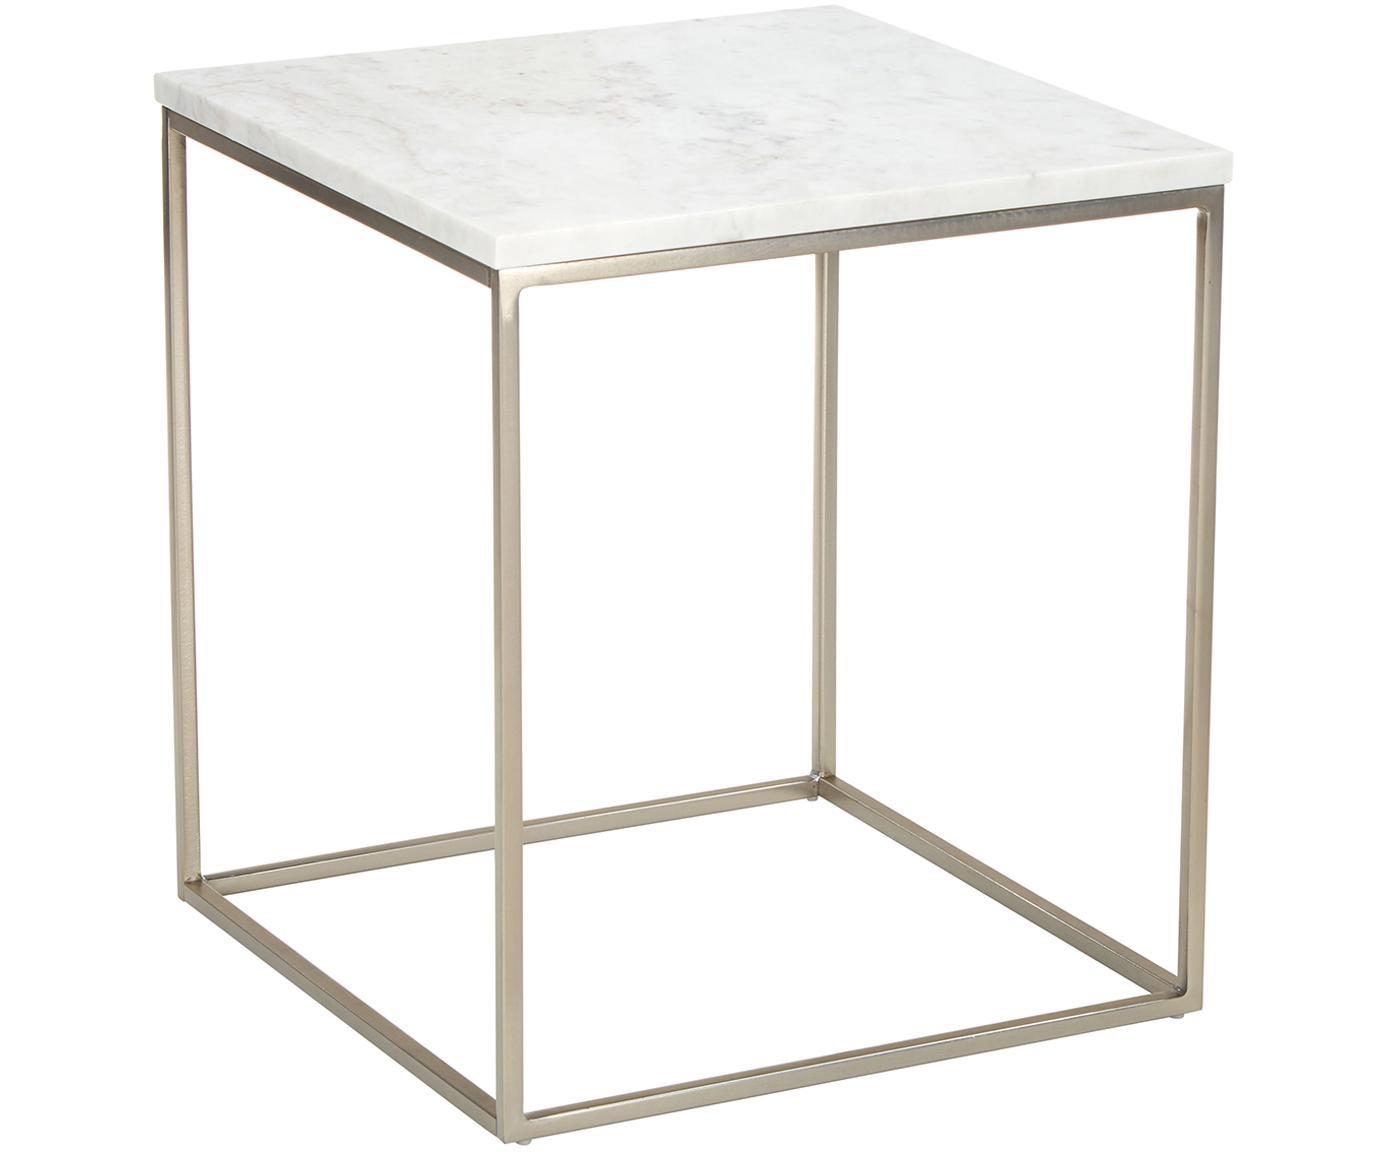 Stolik pomocniczy z marmuru Alys, Blat: marmur, Stelaż: metal malowany proszkowo, Blat: białoszary marmur, lekko błyszczący Stelaż: odcienie srebrnego, matowy, S 45 x W 50 cm